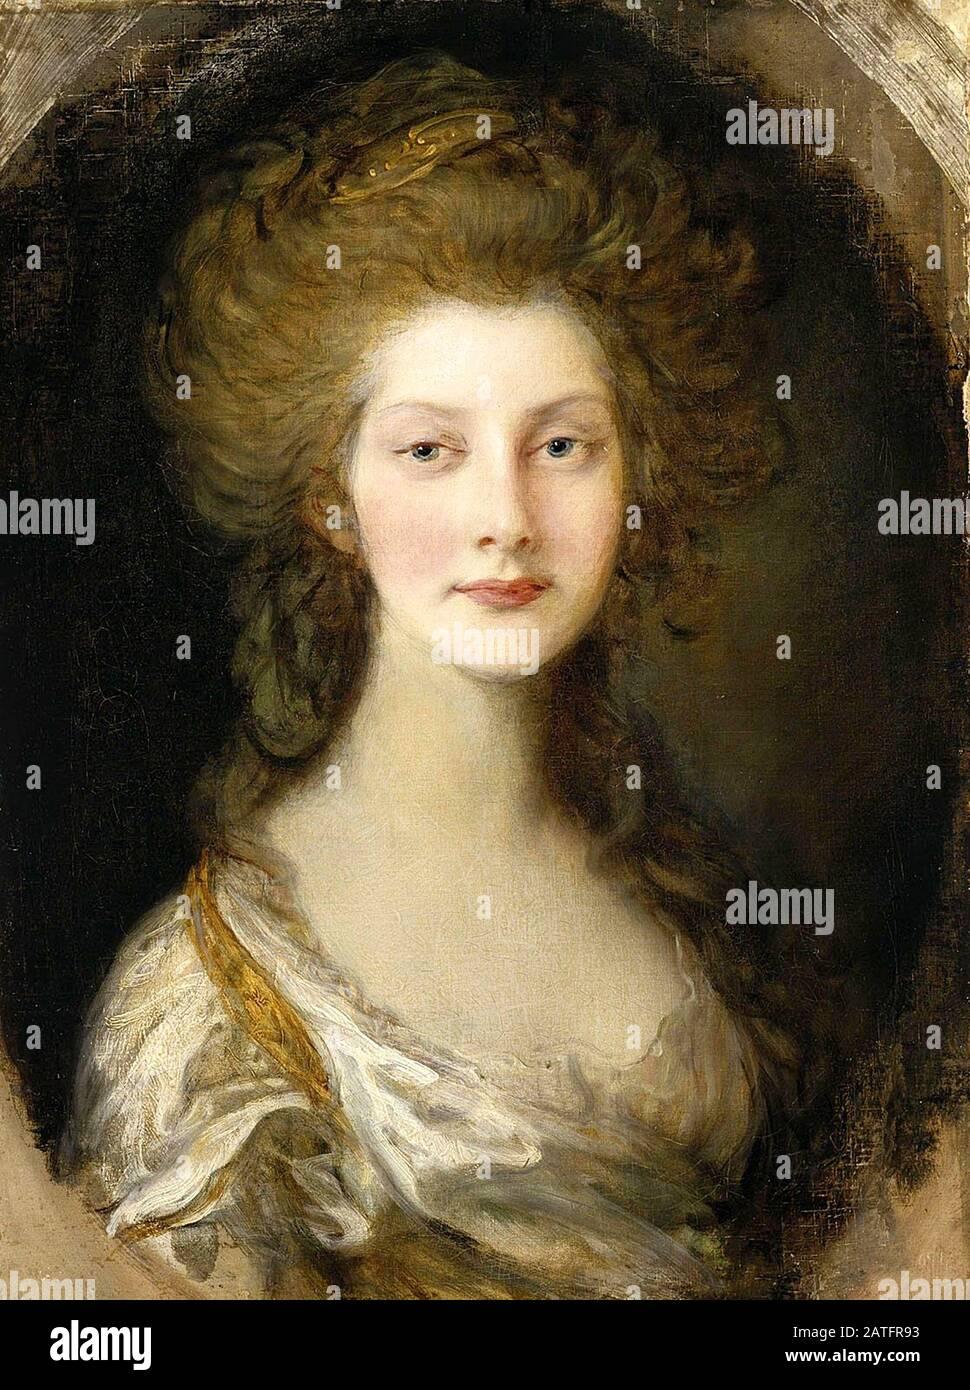 Principessa Augusta, di tredici anni di Thomas Gainsborough. Principessa Augusta Sofia del Regno Unito (1768 – 1840) sesto figlio e seconda figlia di Re Giorgio III e della Regina Charlotte. Foto Stock